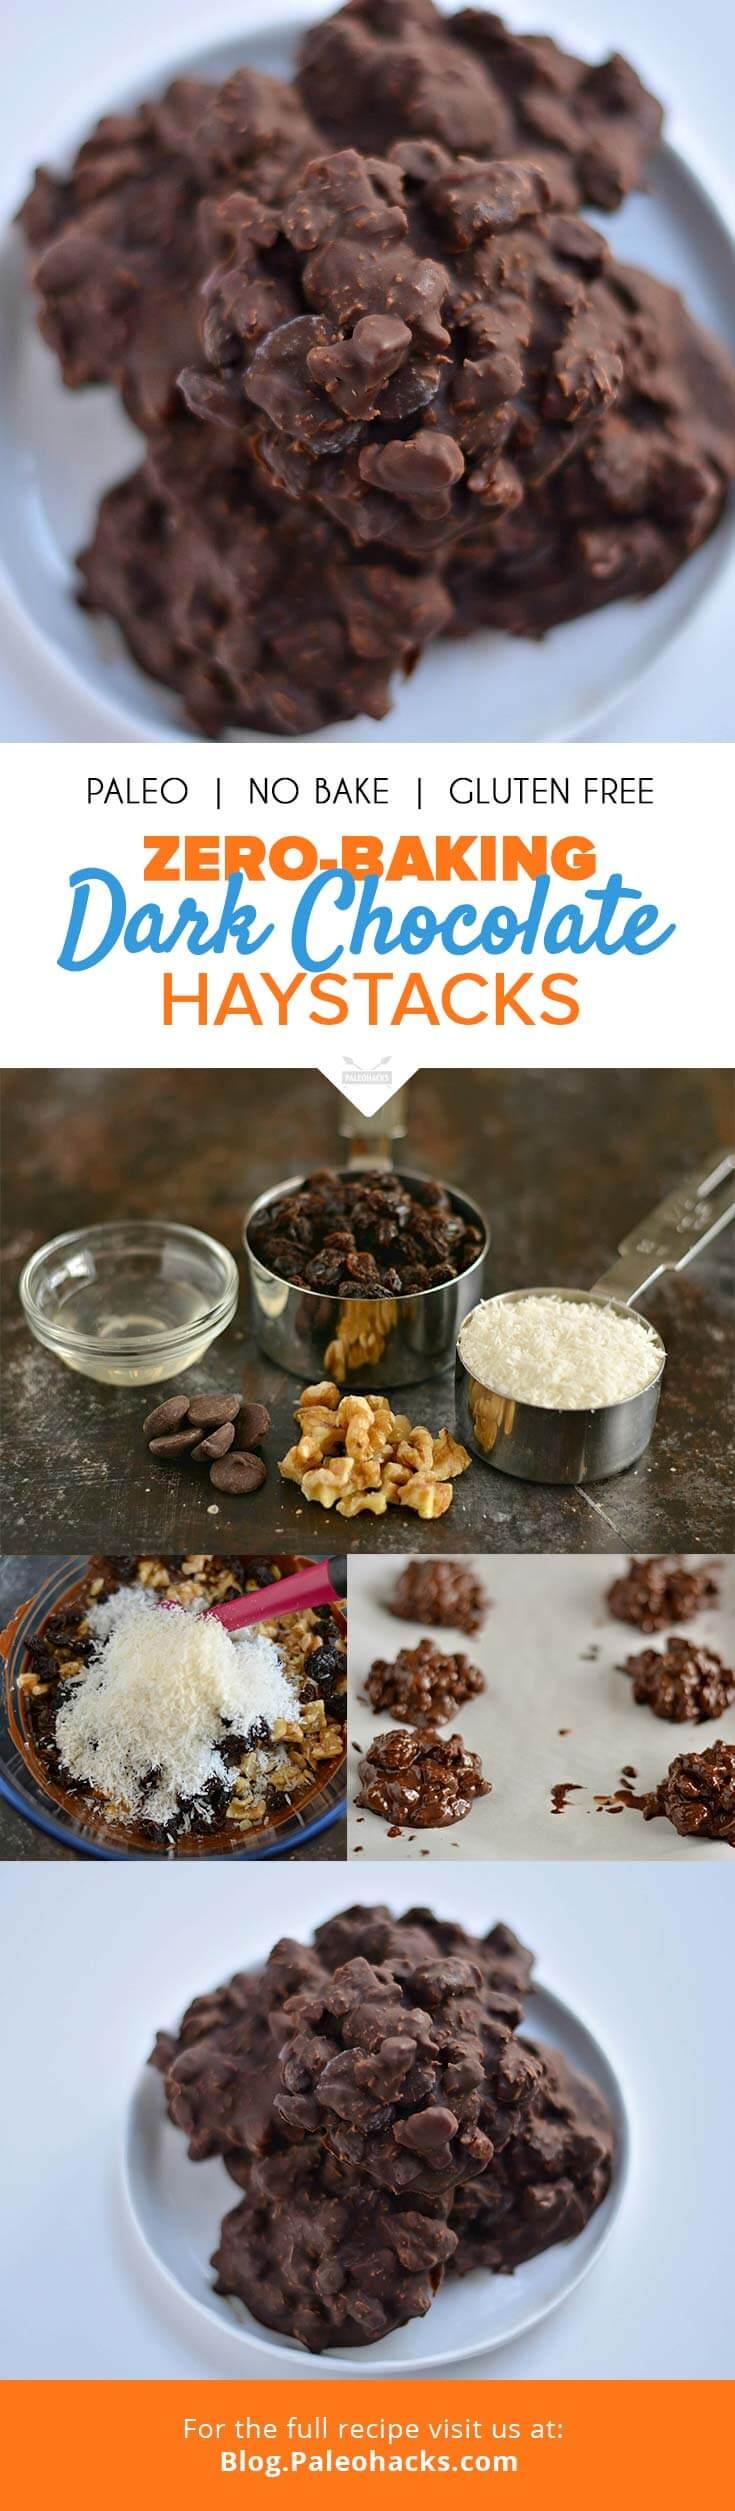 Zero-Baking Dark Chocolate Haystacks | Paleo, Dairy-Free